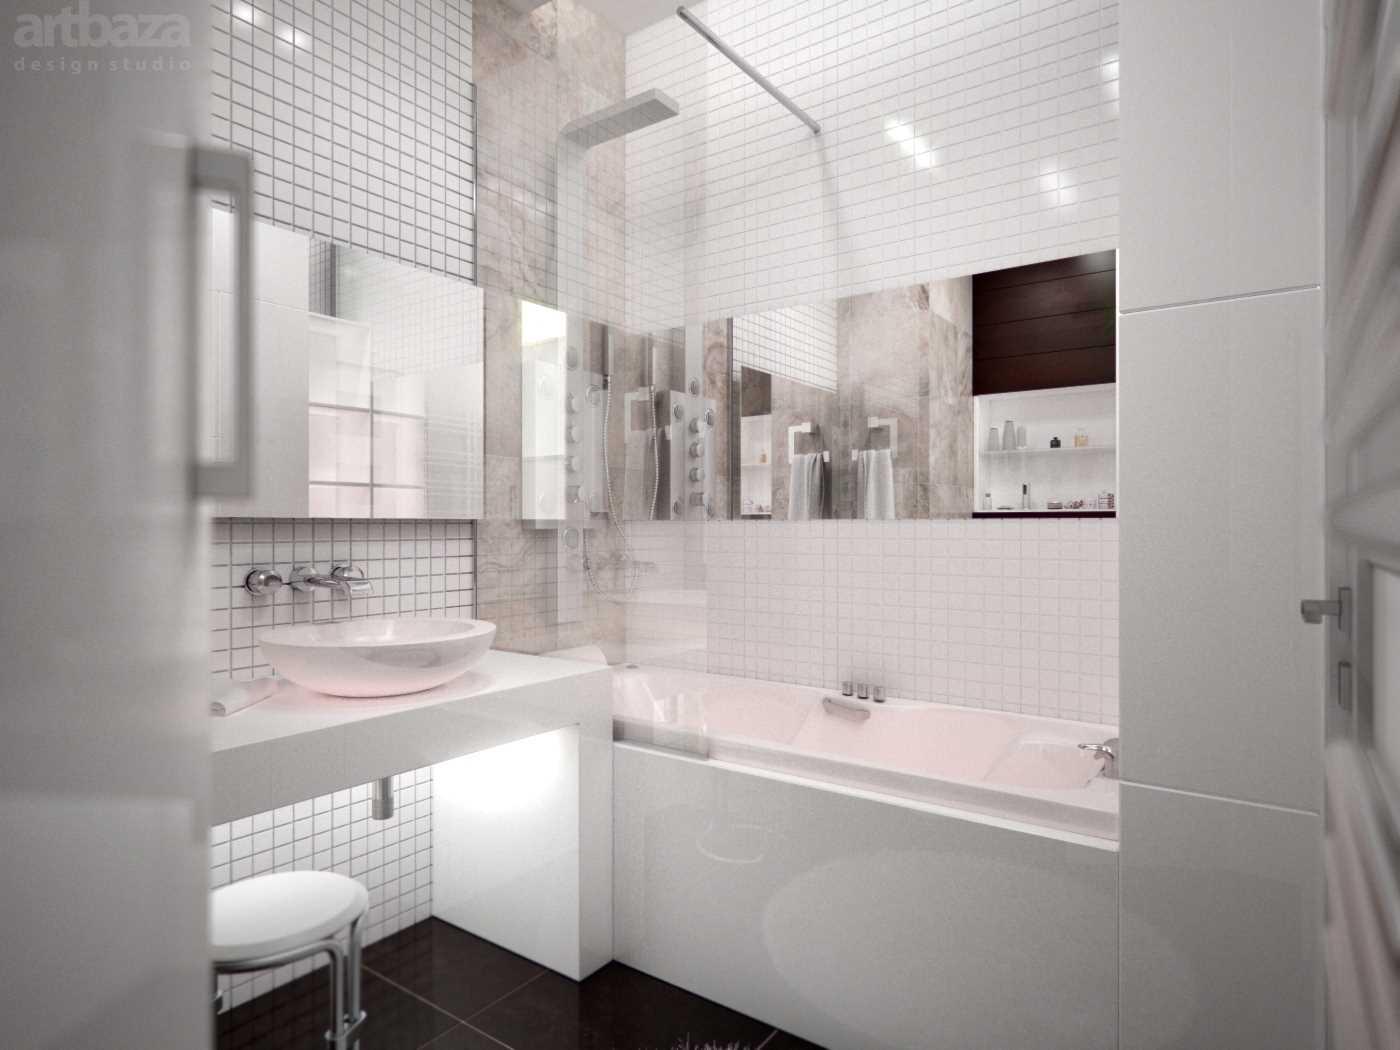 ideja par neparastu vannas istabas stilu 6 kv.m platībā